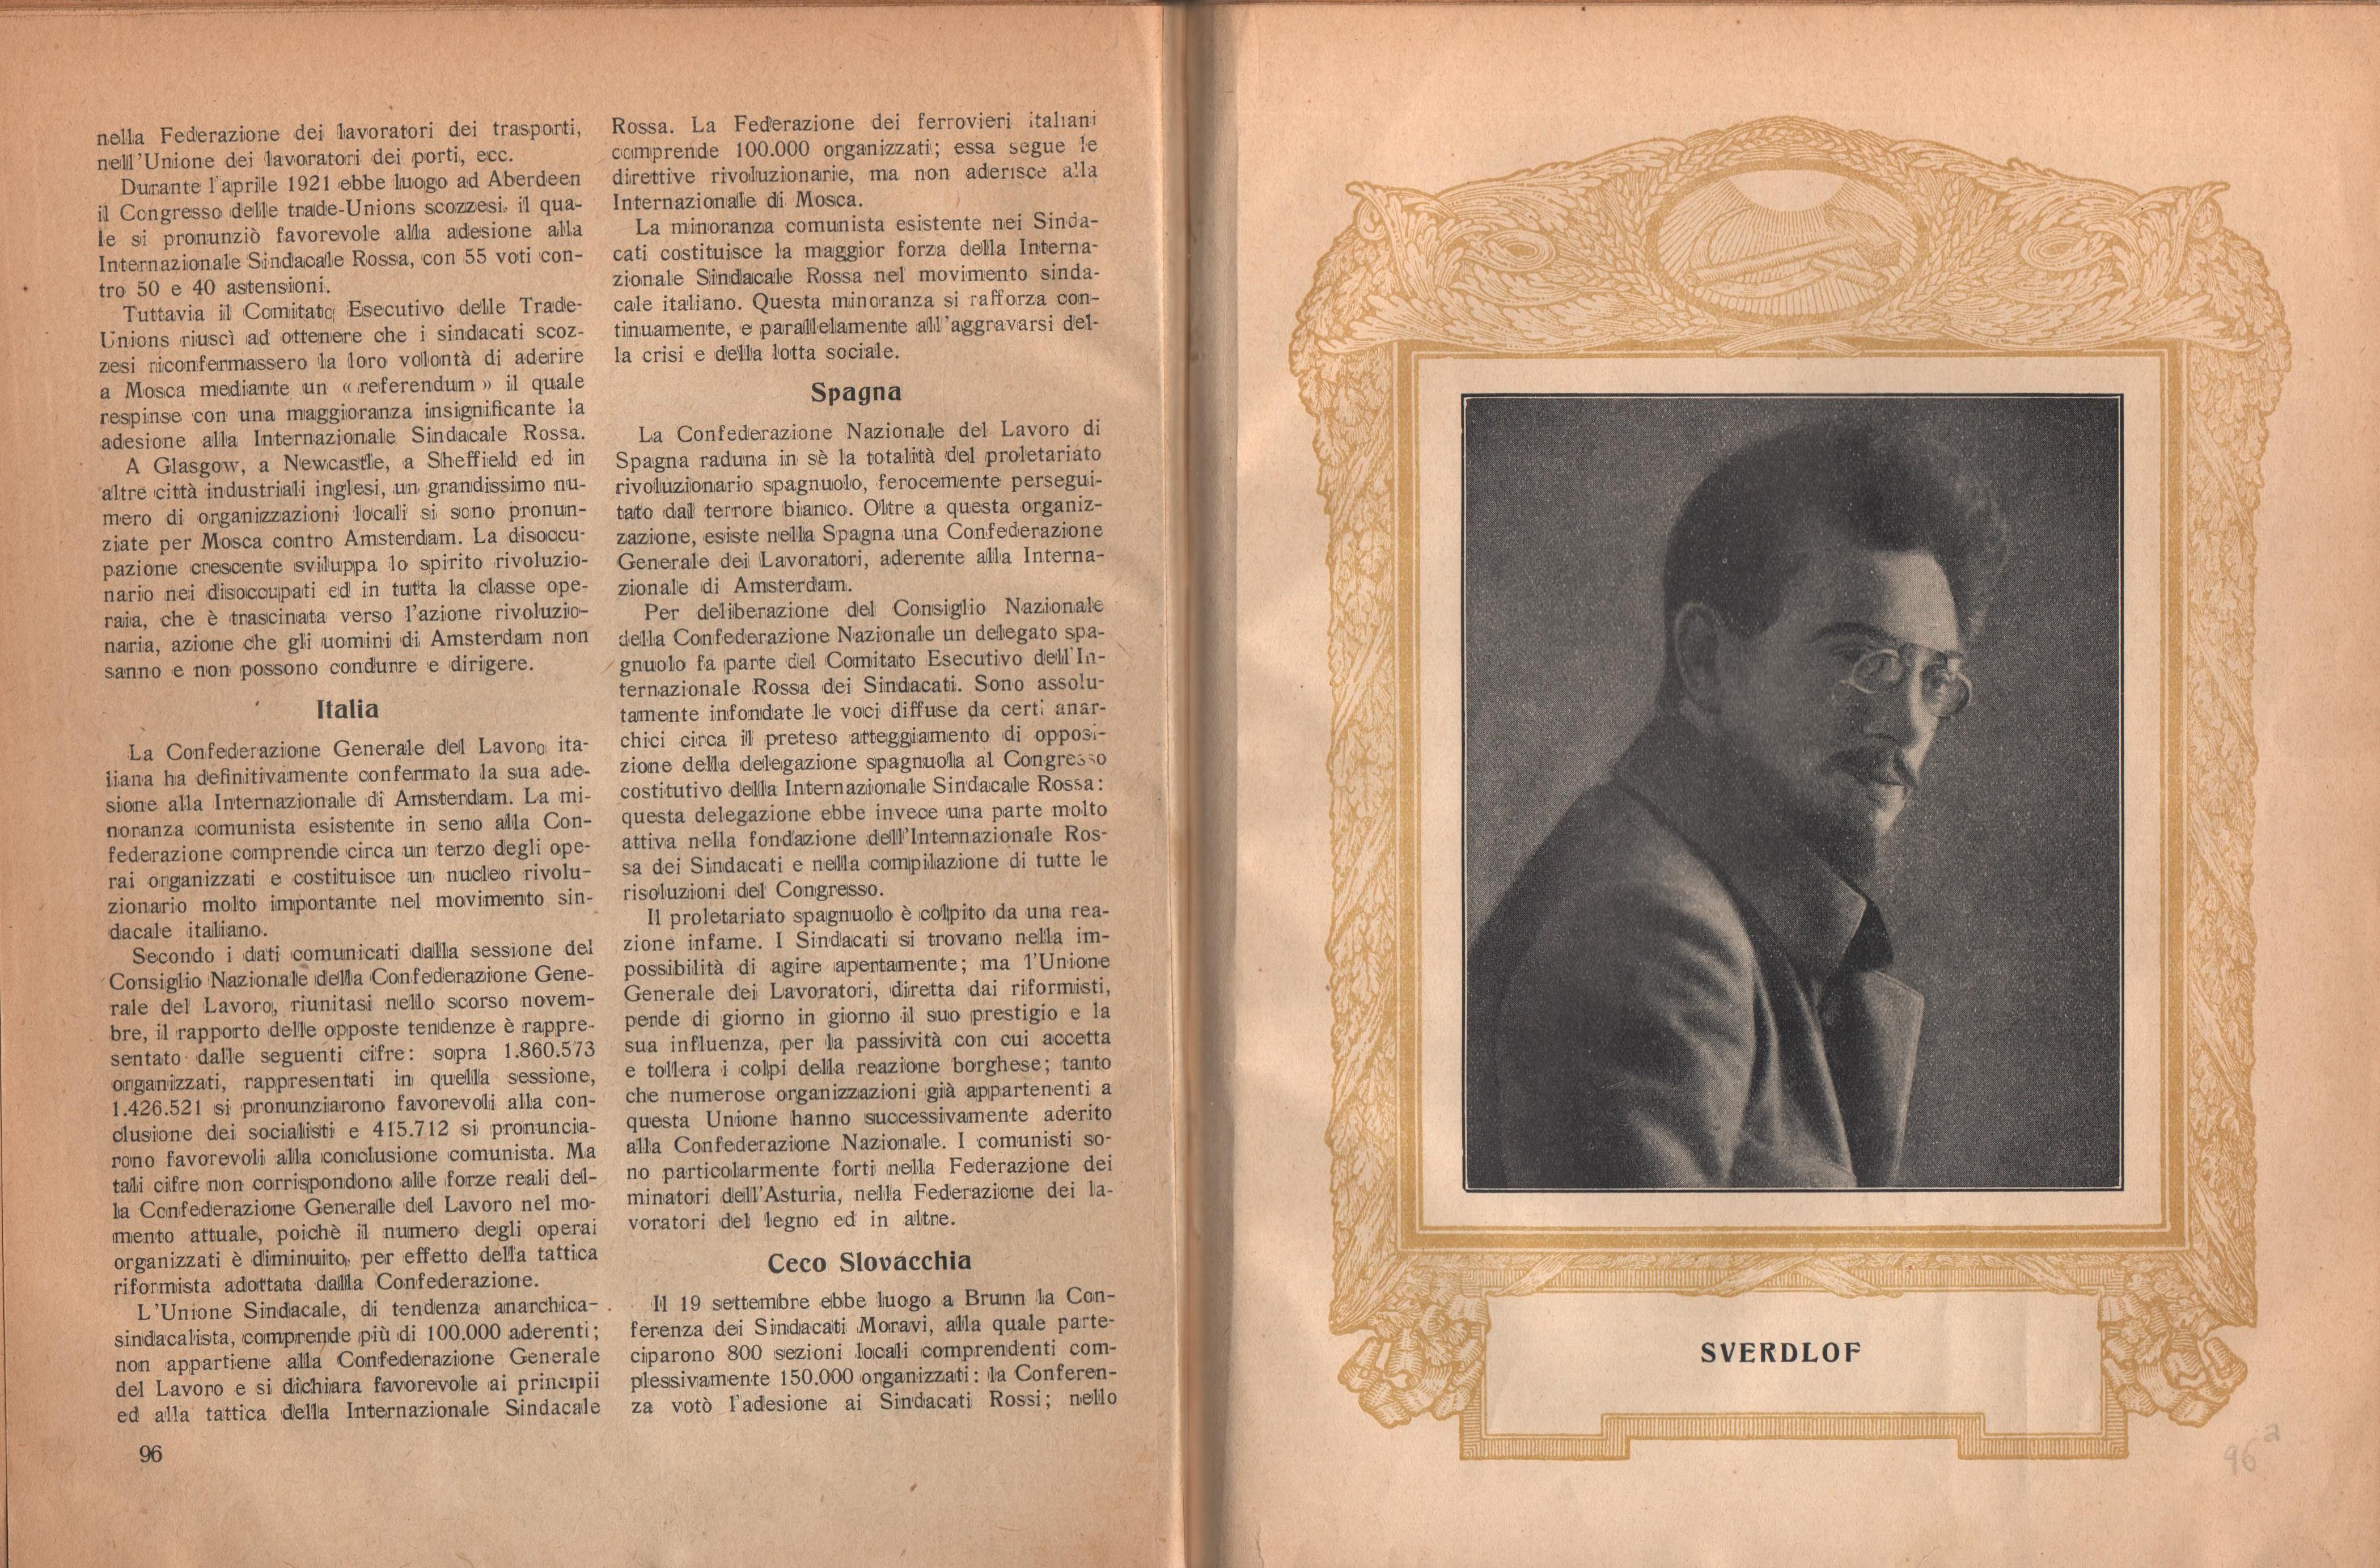 Almanacco comunista 1922 - pag. 57